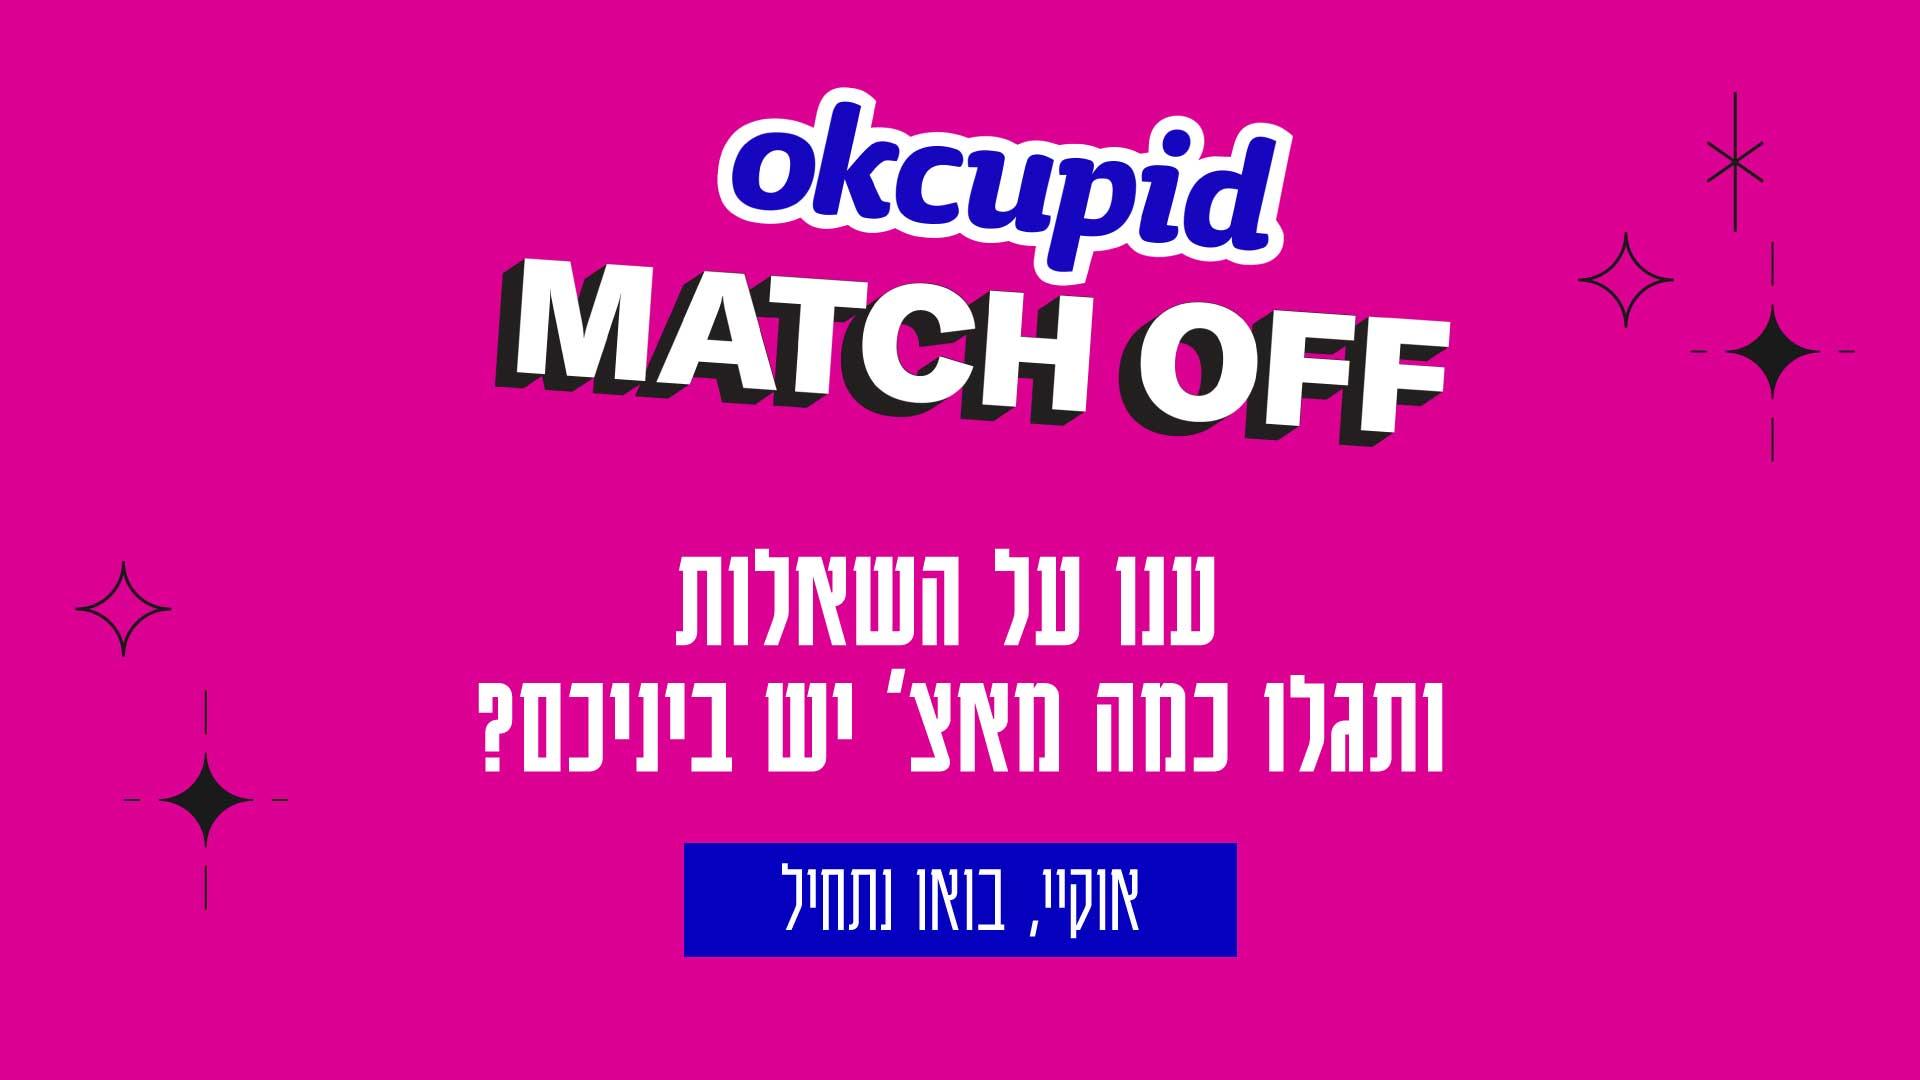 משחק ל-okcupid במצעד הגאווה 2021. משרד פרסום: sabio